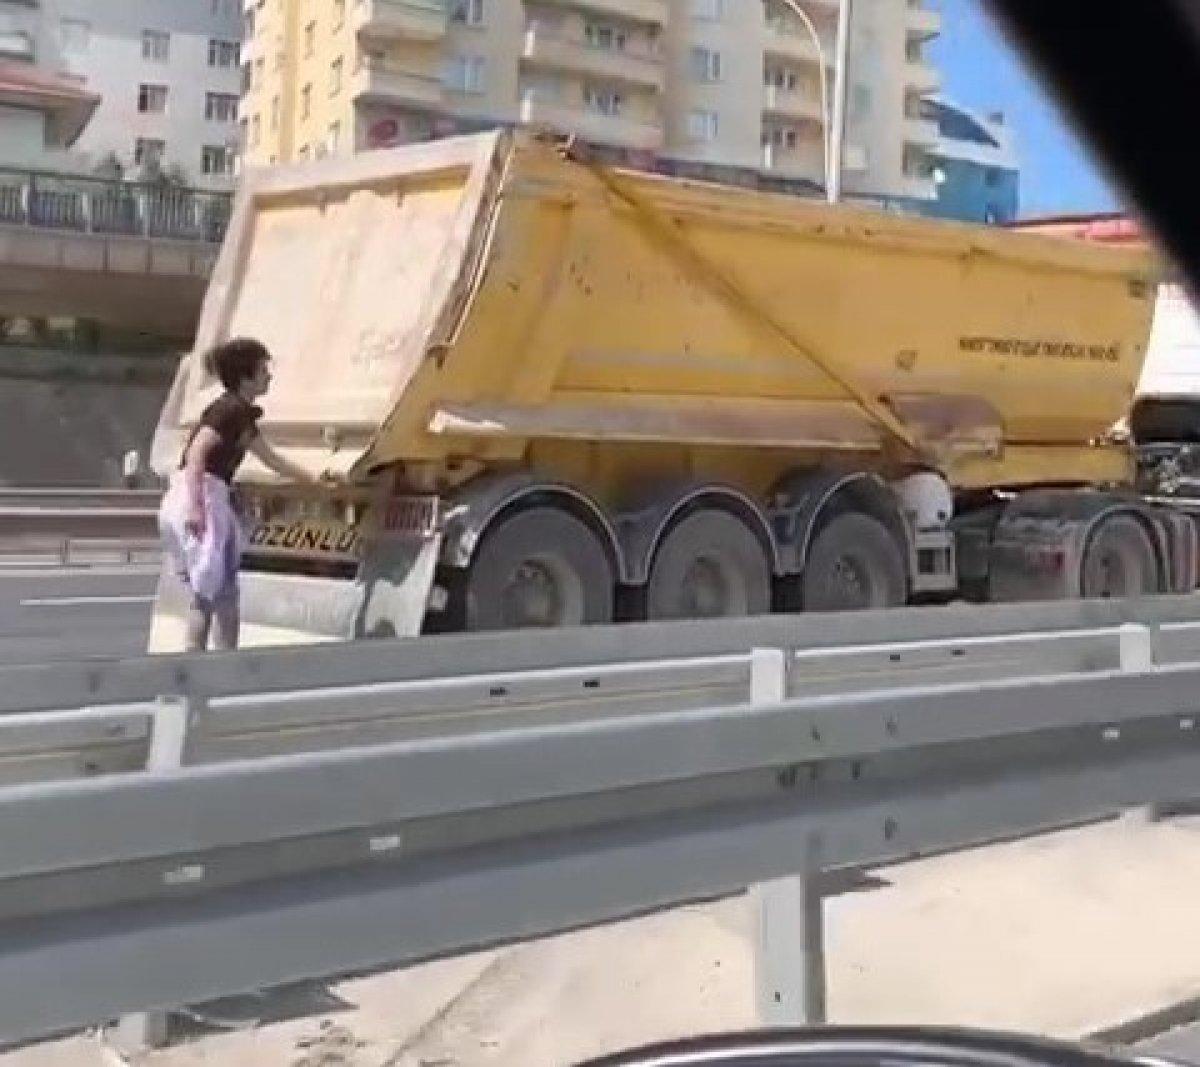 Kocaeli de paten süren gençler, kamyonun dorsesine tutunarak ilerledi #1